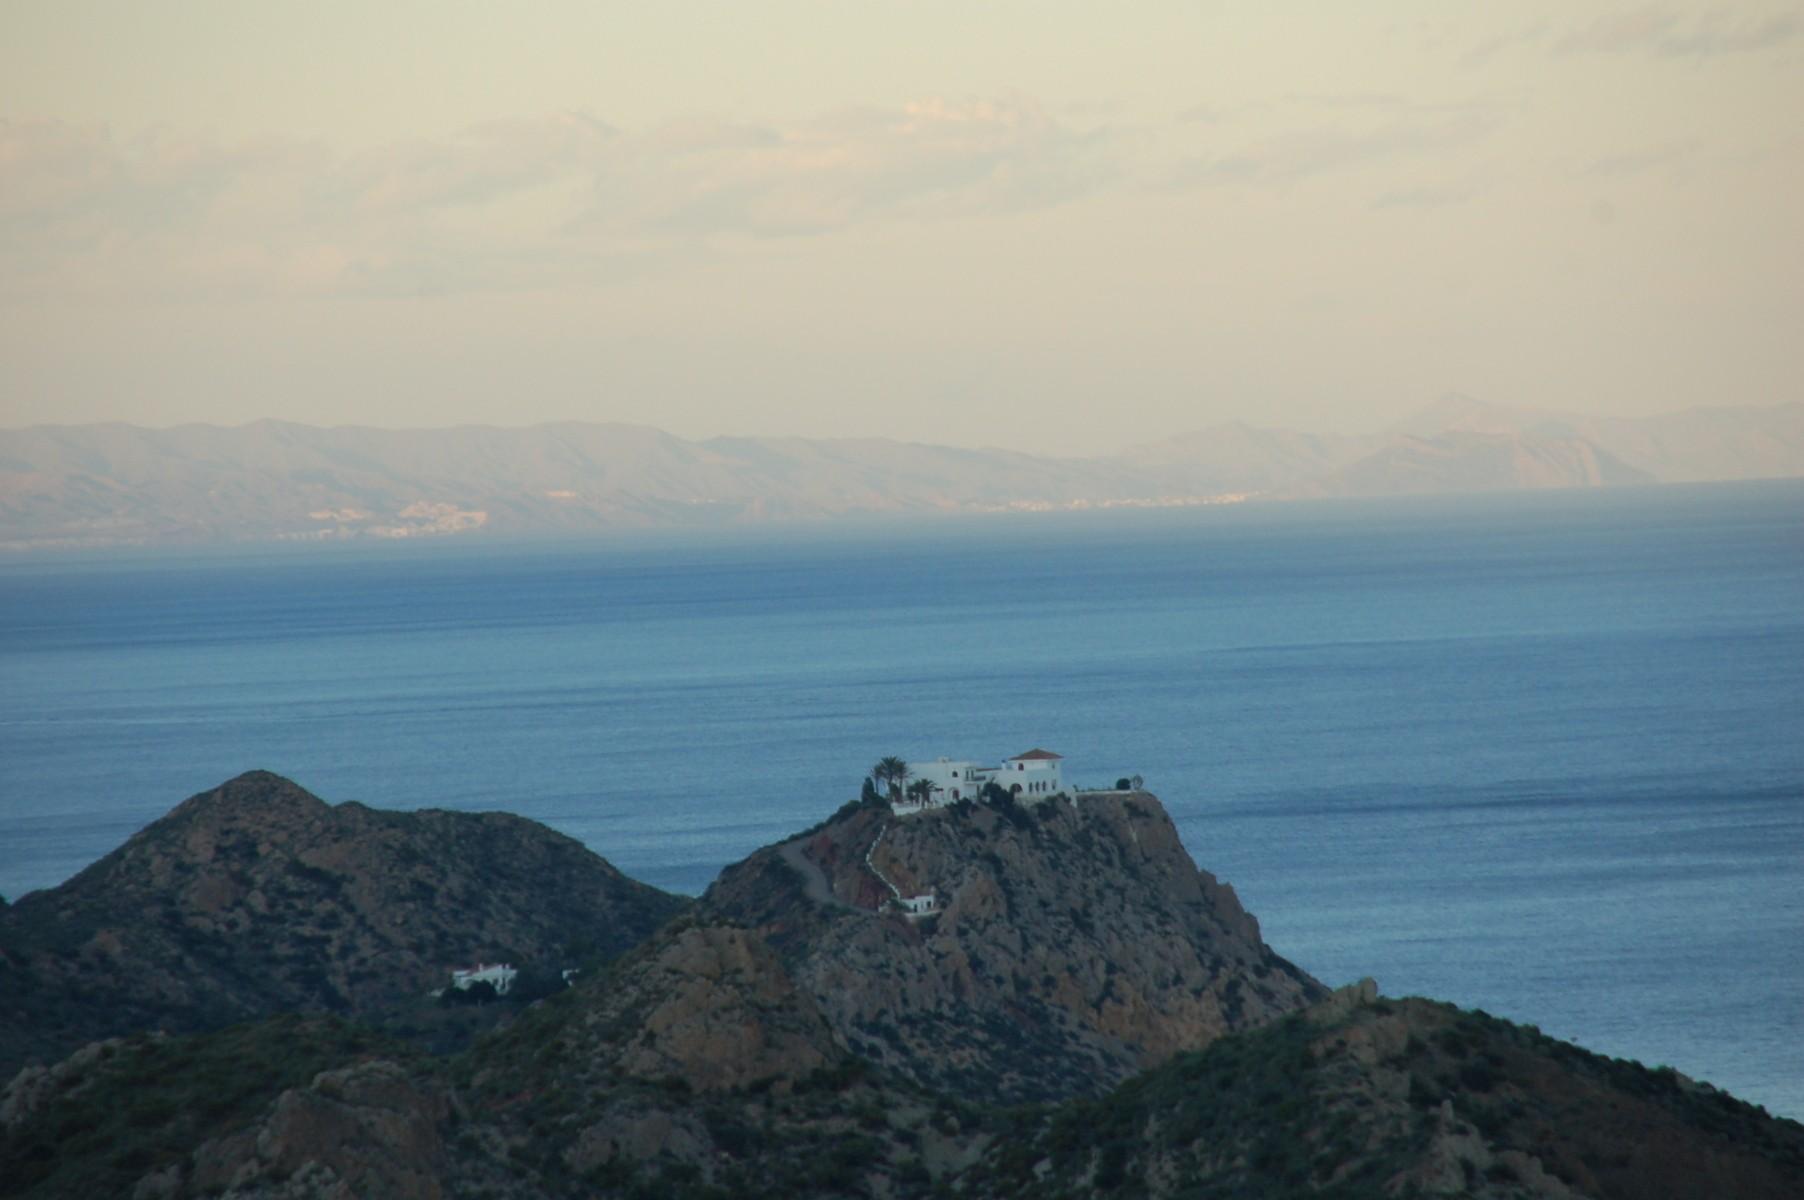 Man sieht im Abendhimmel ein einsames typisch für Andalusien weiß getünchtes Haus in einer schroffen felsigen Umgebung, im Hintergrund das Mittelmeer